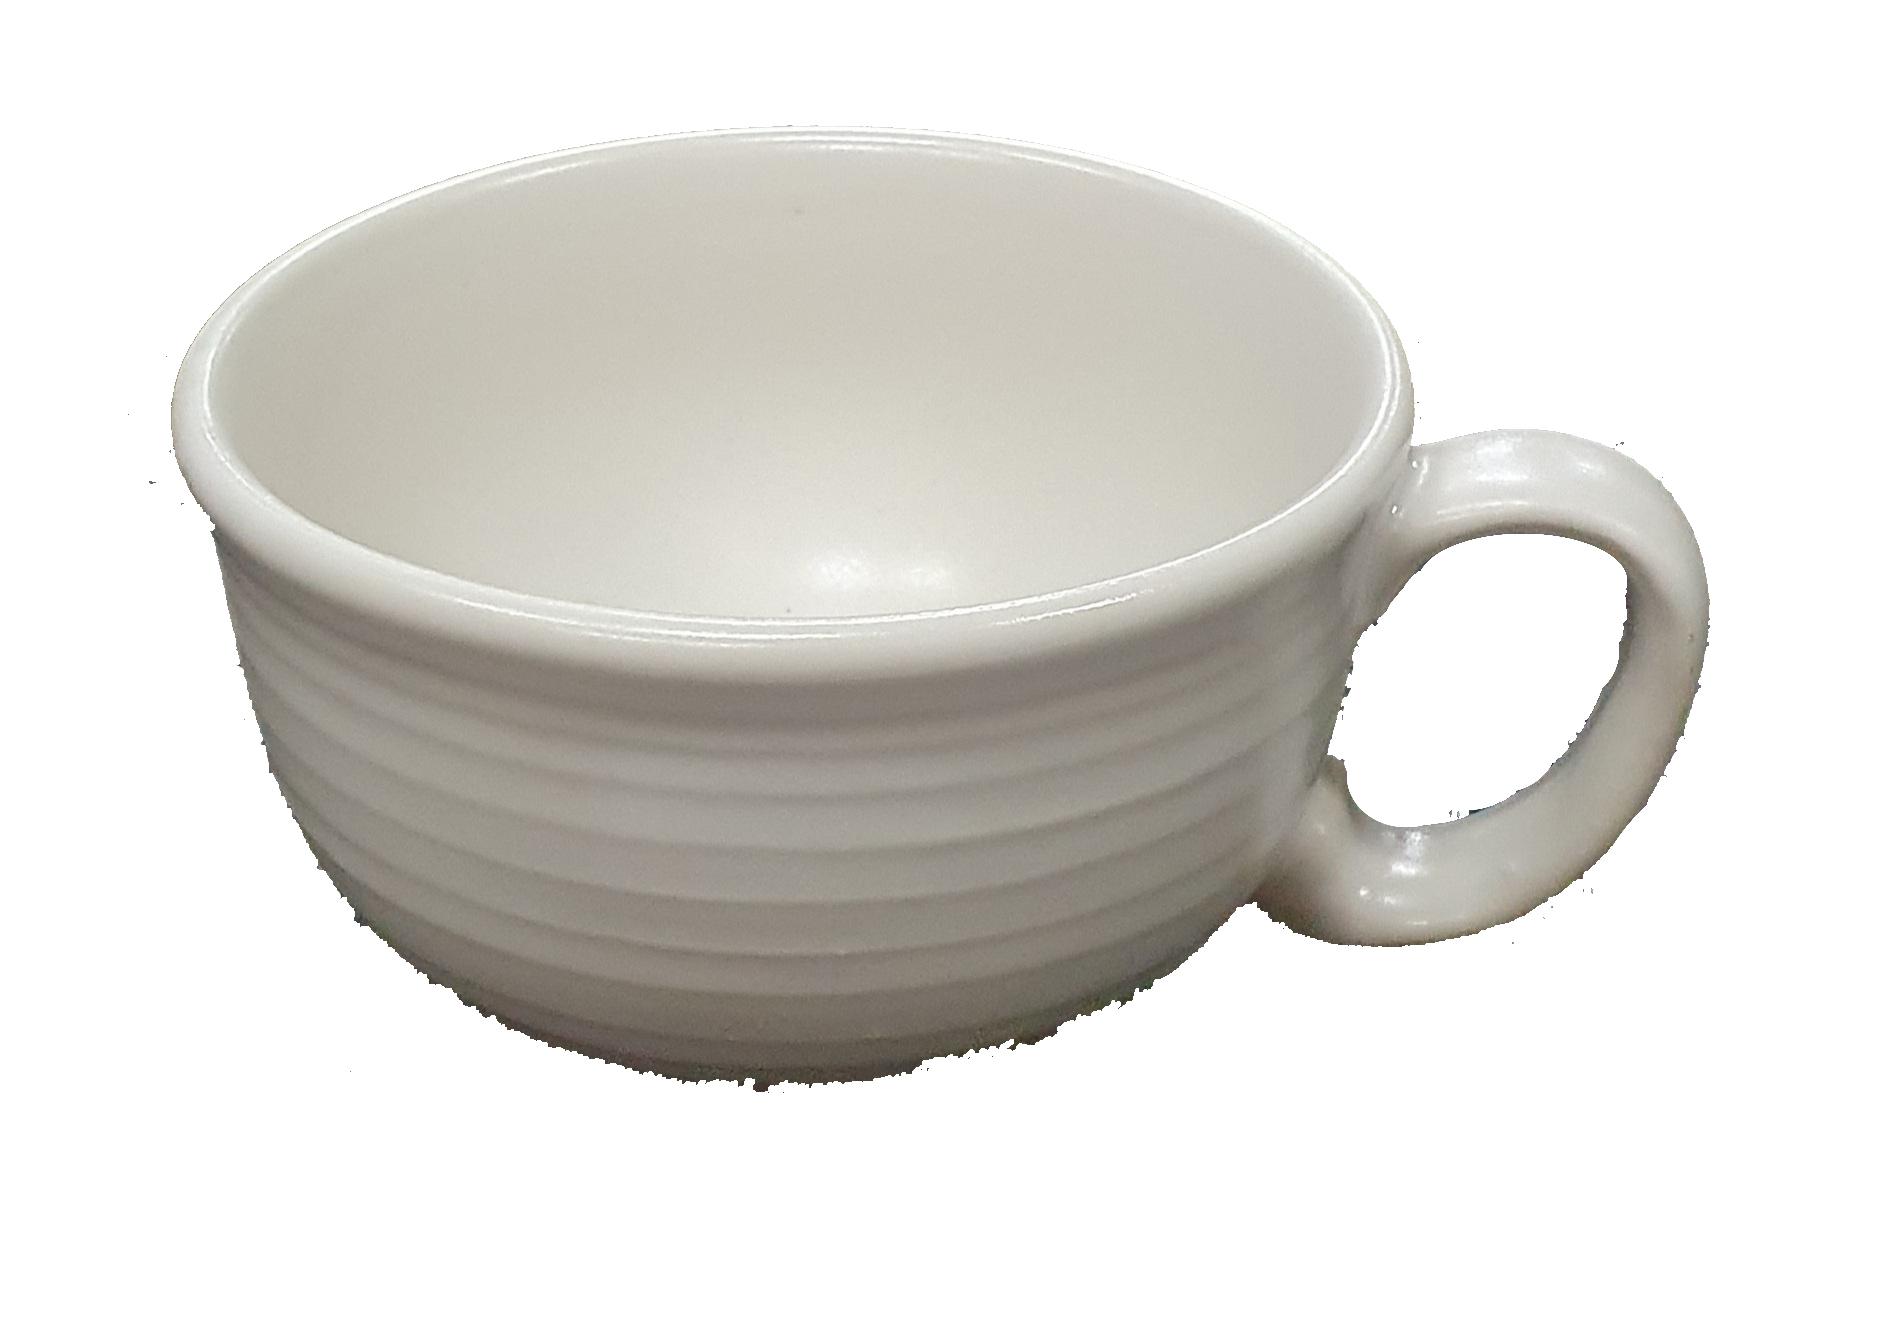 Teacup 23 cl